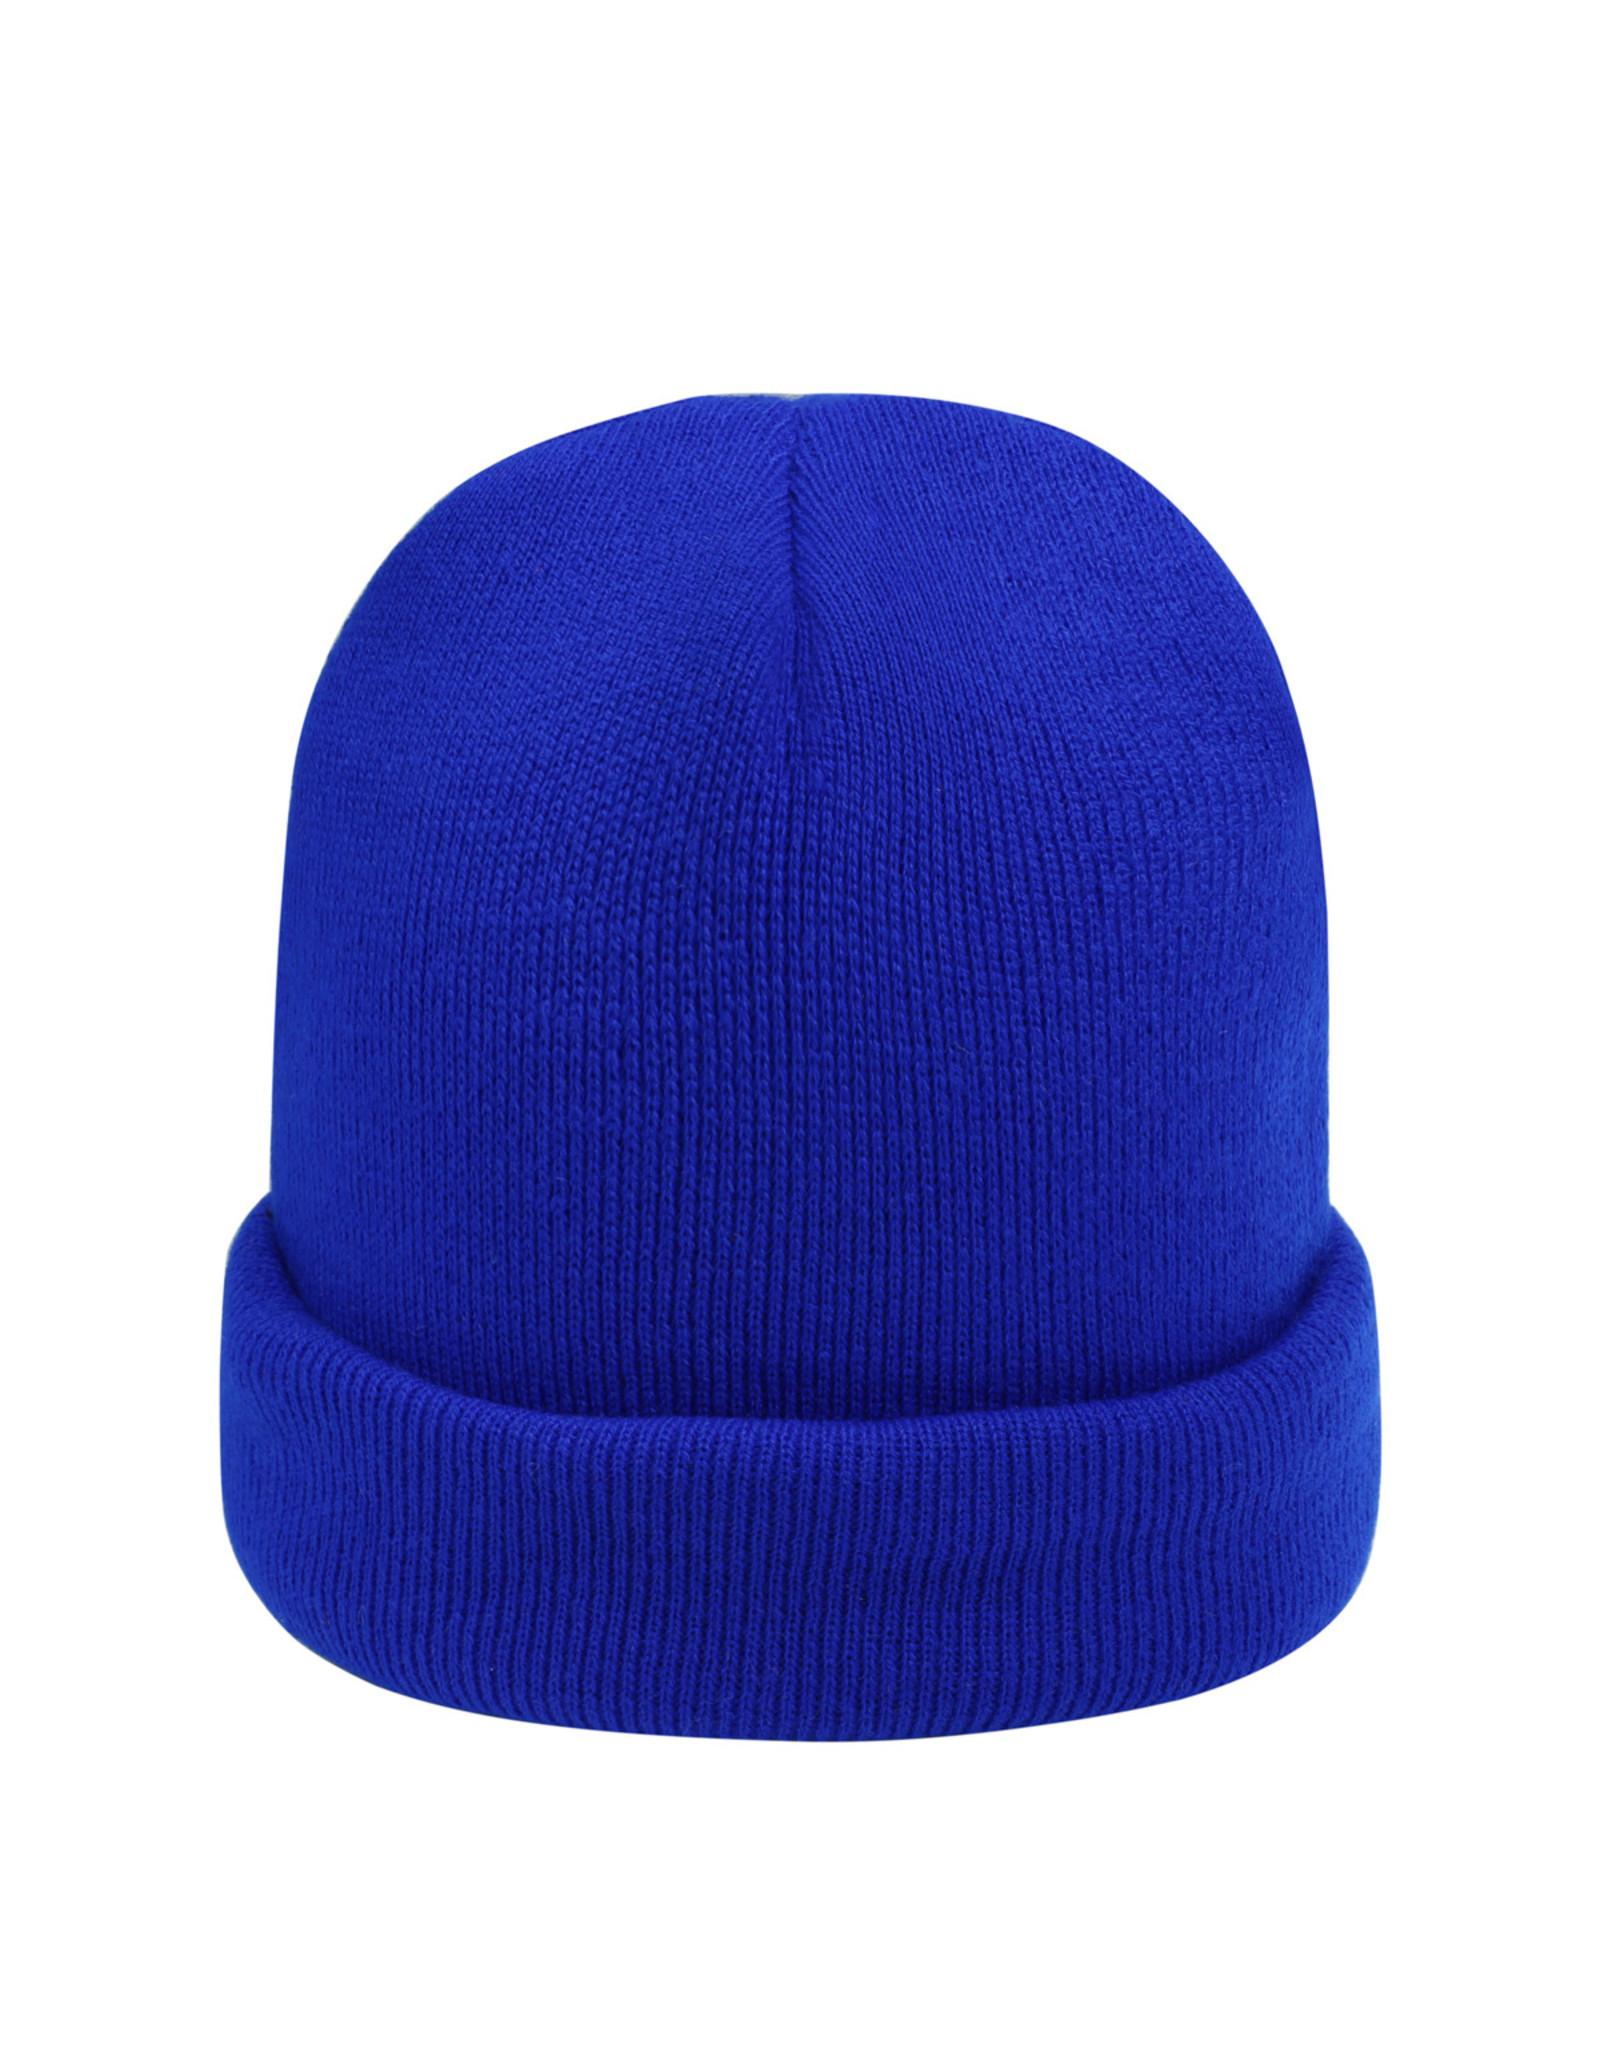 BEANIE CORAL BLUE